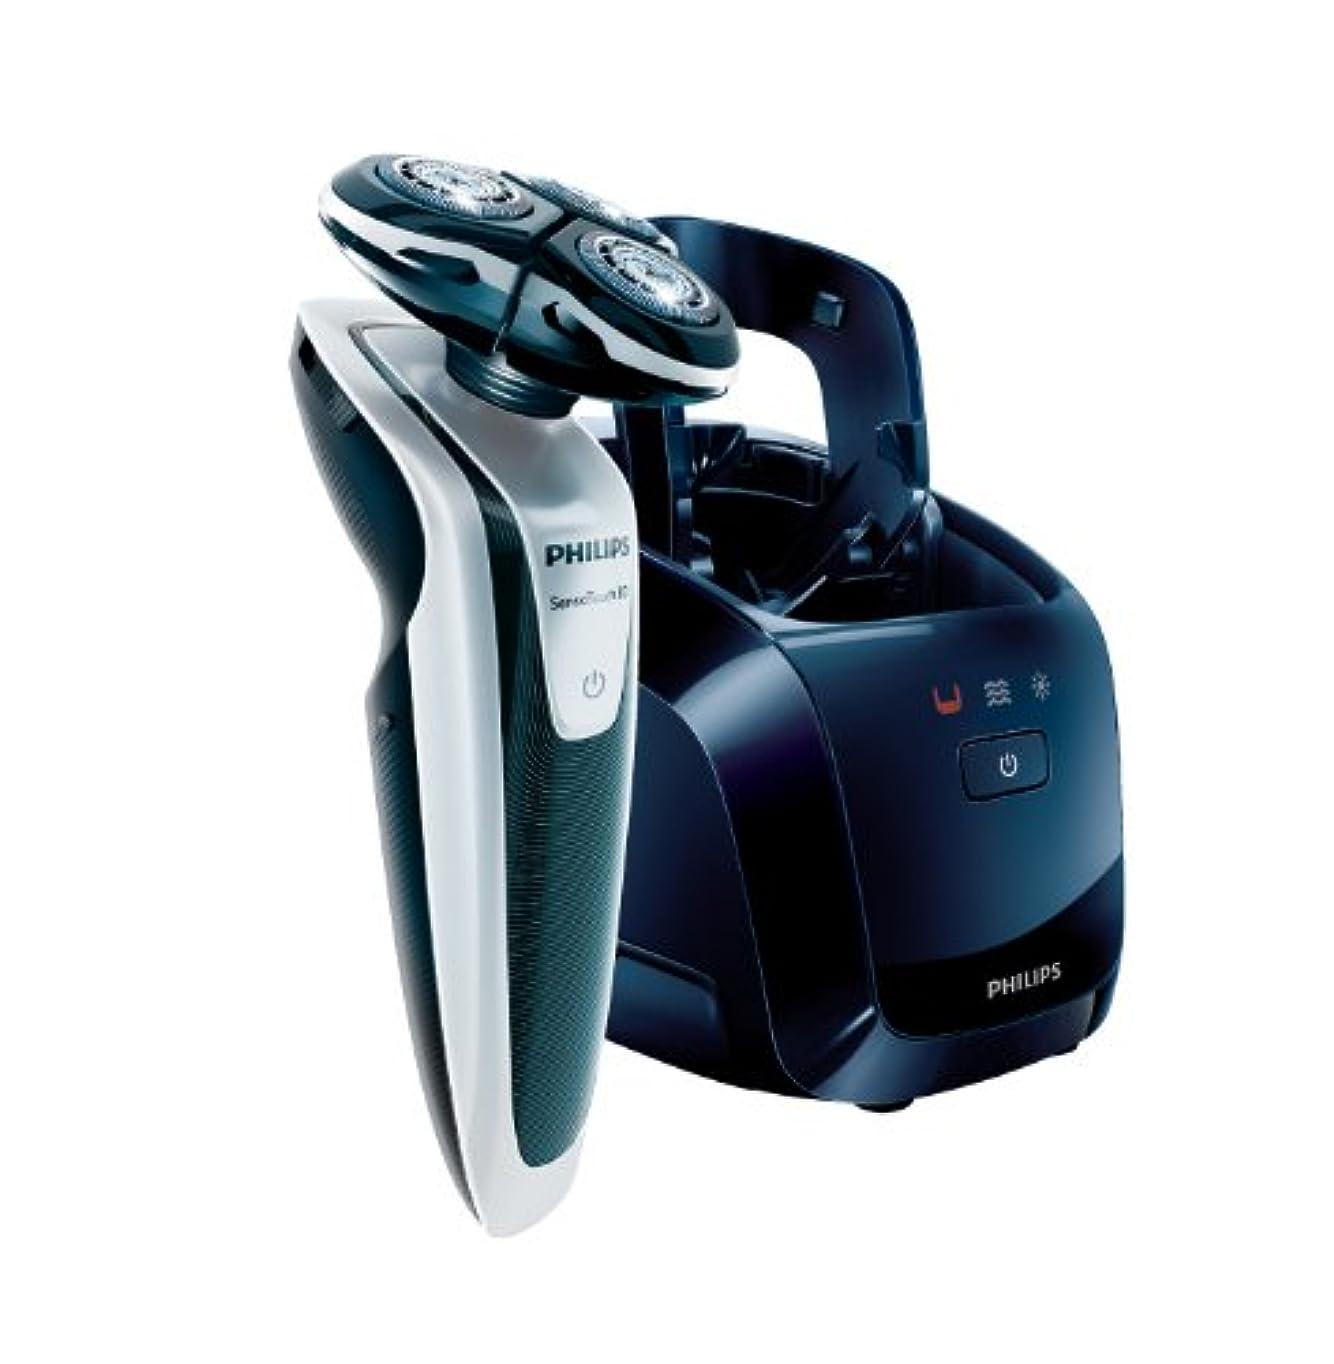 元気窒息させる流体フィリップス シェーバー センソタッチ3D【洗浄充電器付】RQ1251CC